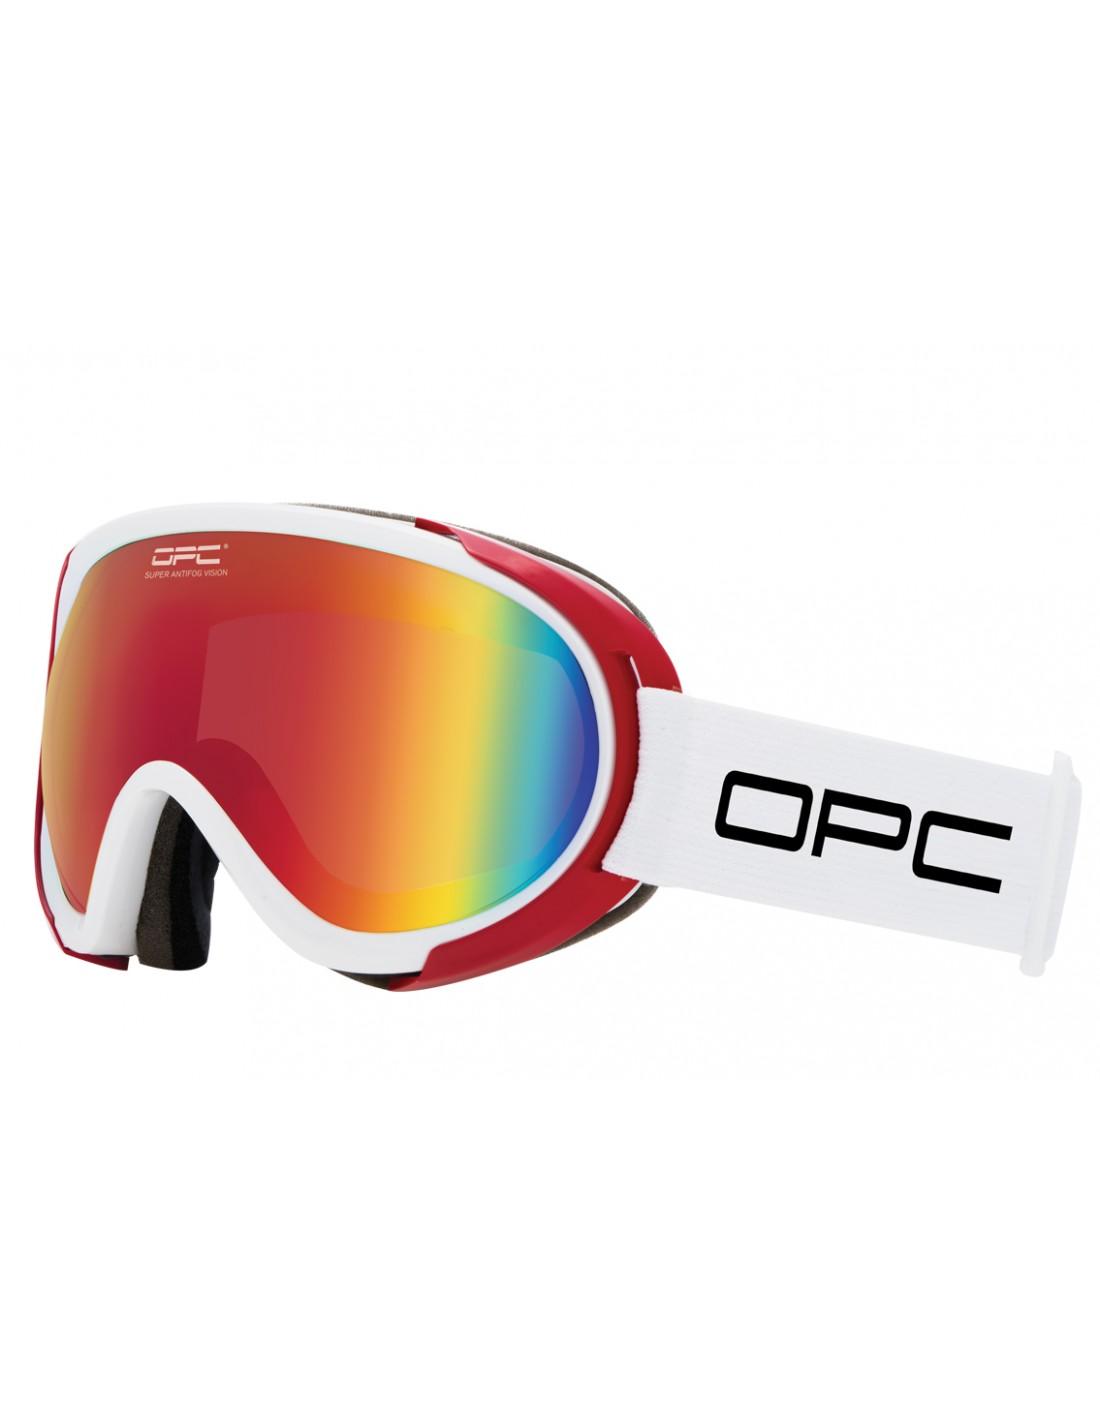 Gogle OPC Classic